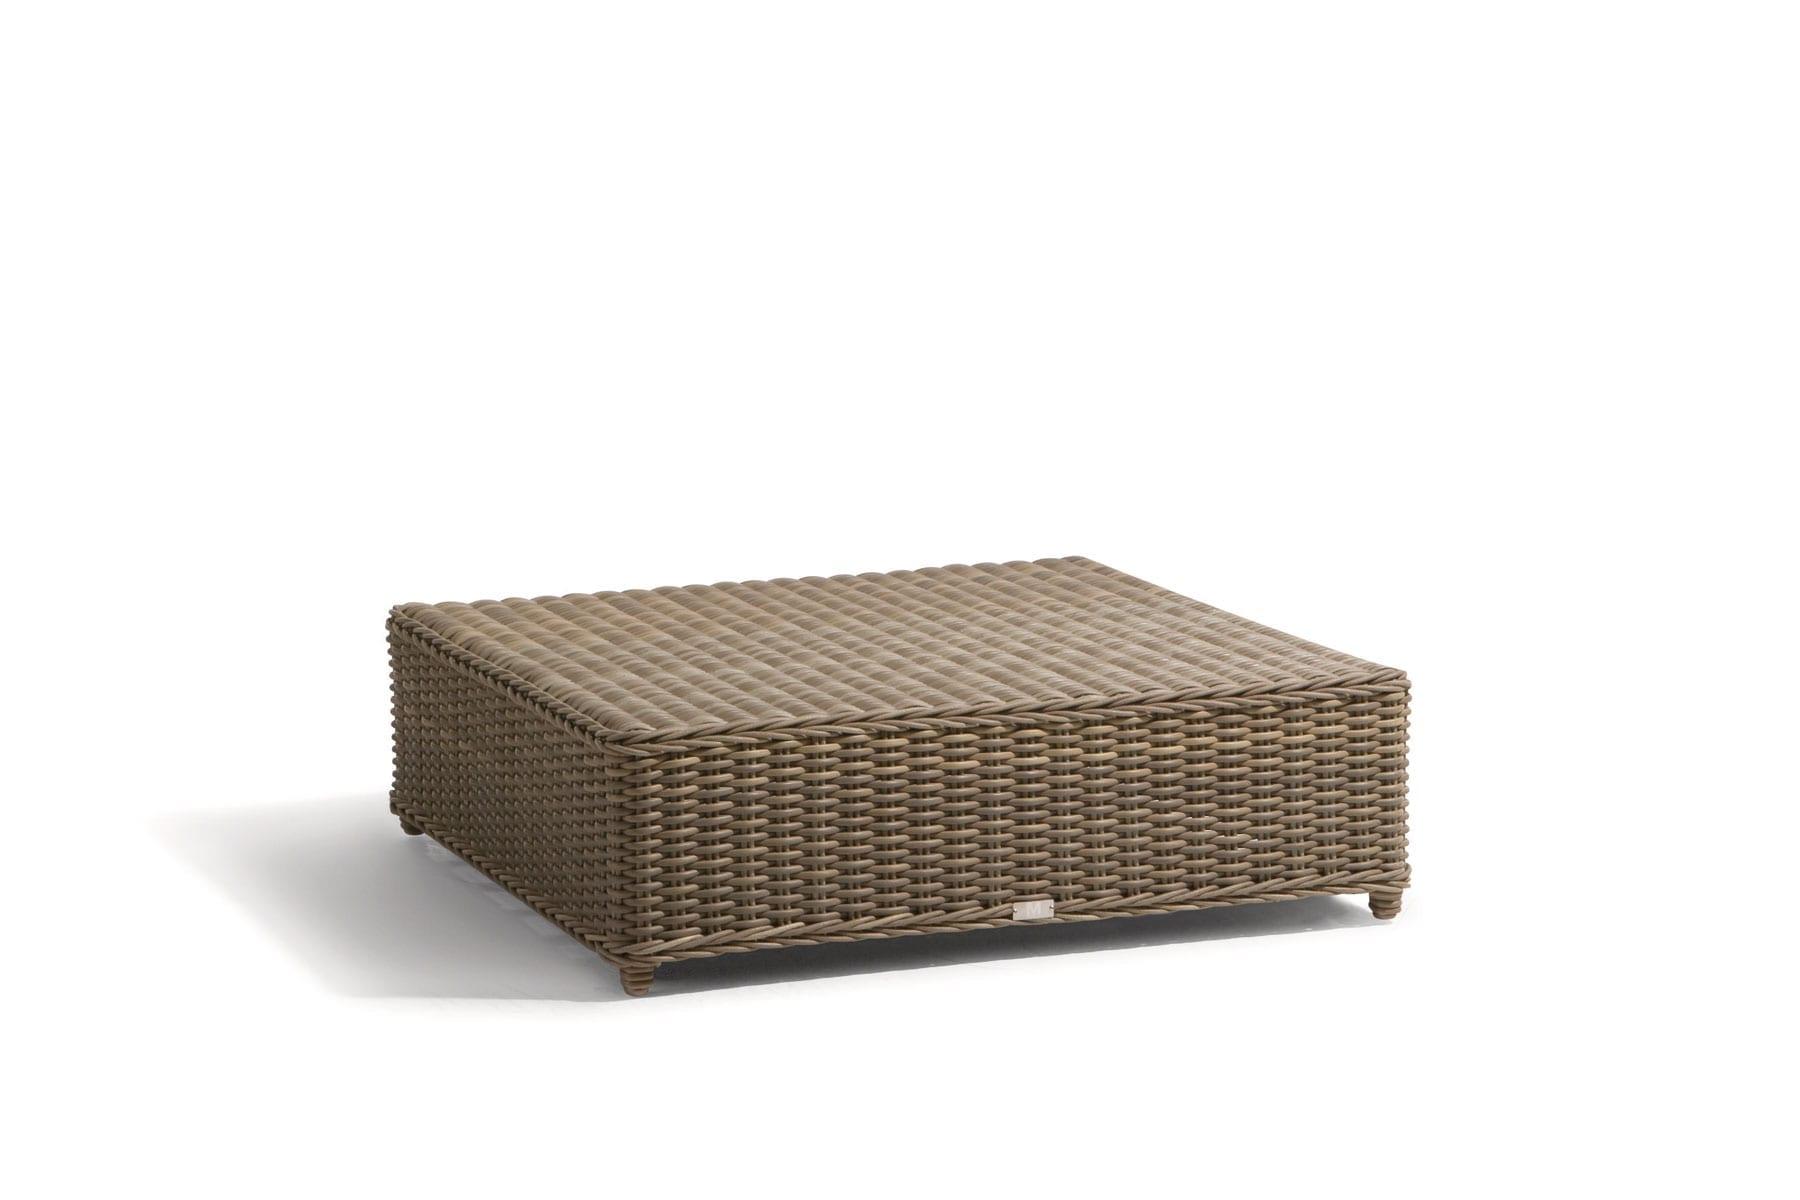 manutti sandiego large footstool